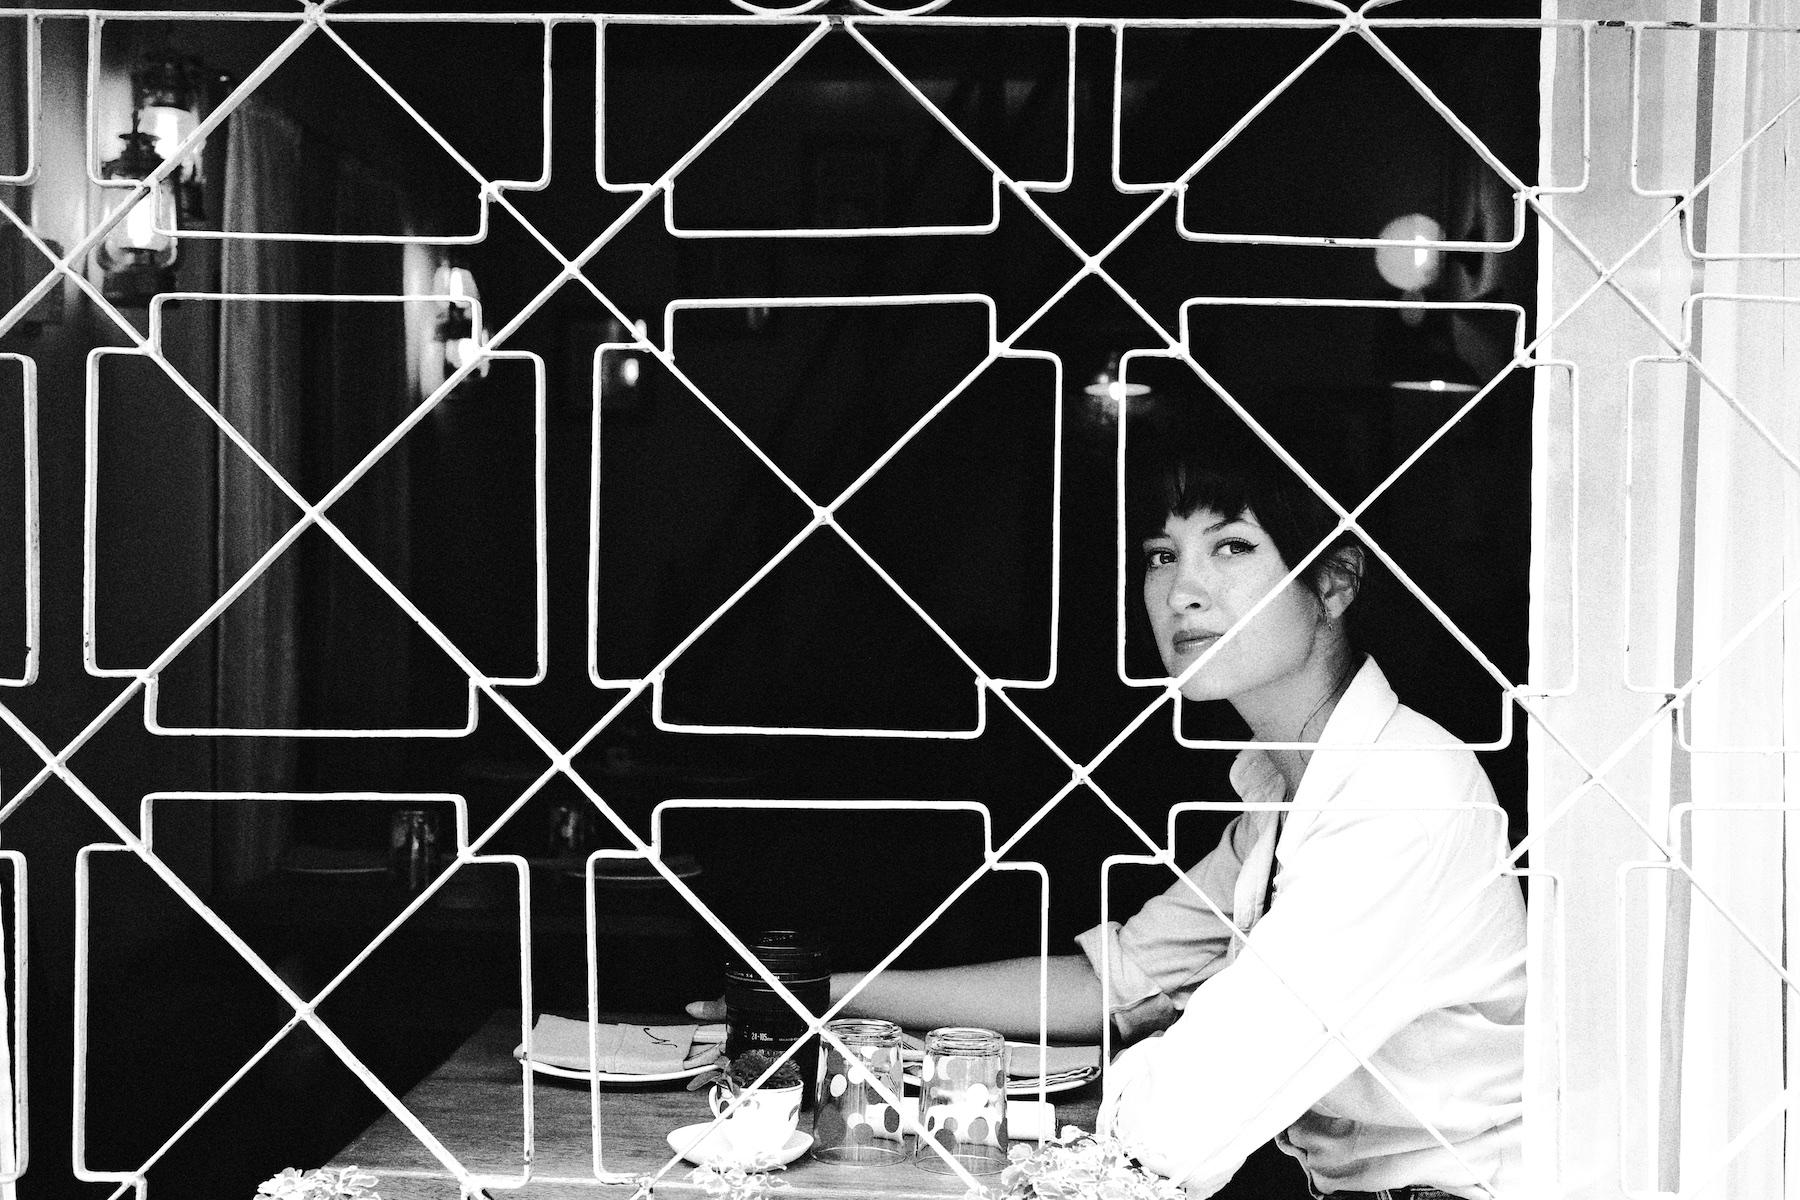 Nu eatery, hoi an, travel vietnam, restaurants hoi an, eat in hoi an, where to eat in hoi an